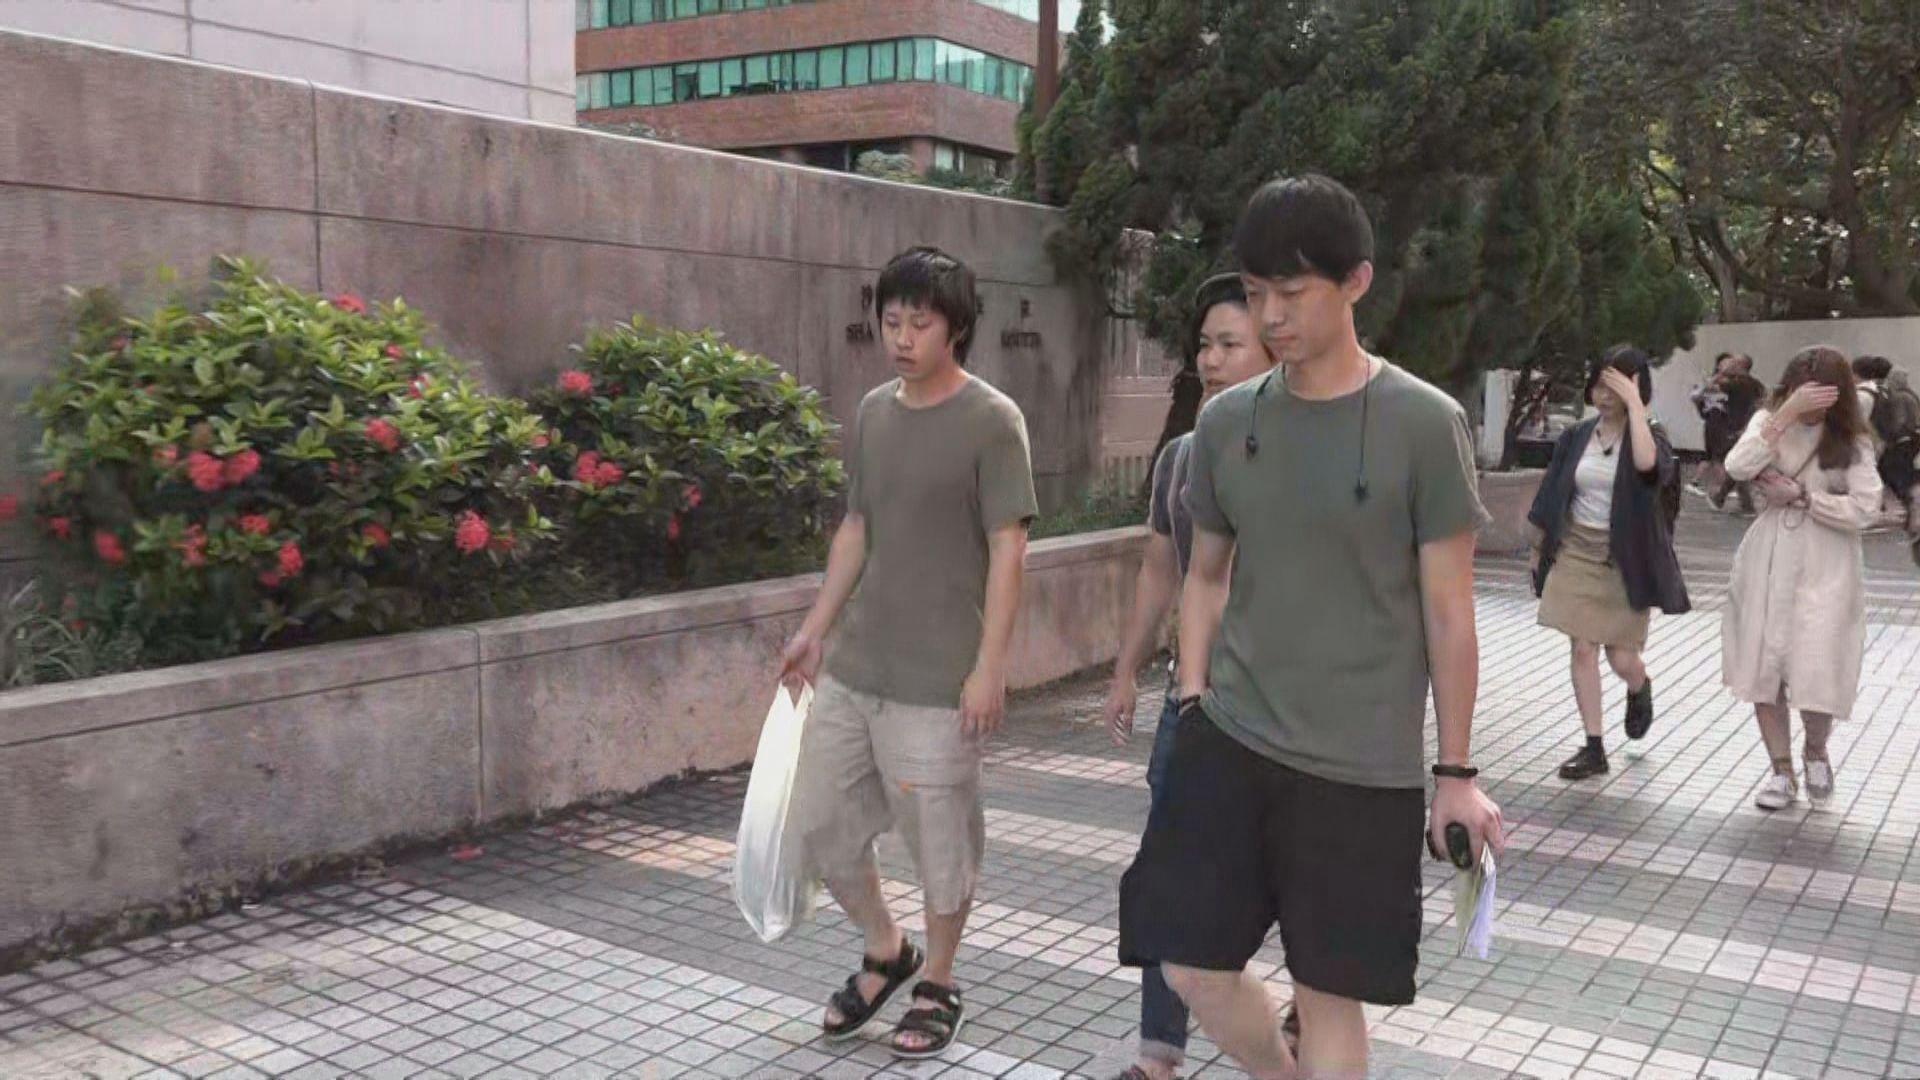 兩人被控刑事毀壞交通燈獲准保釋 下月再訊